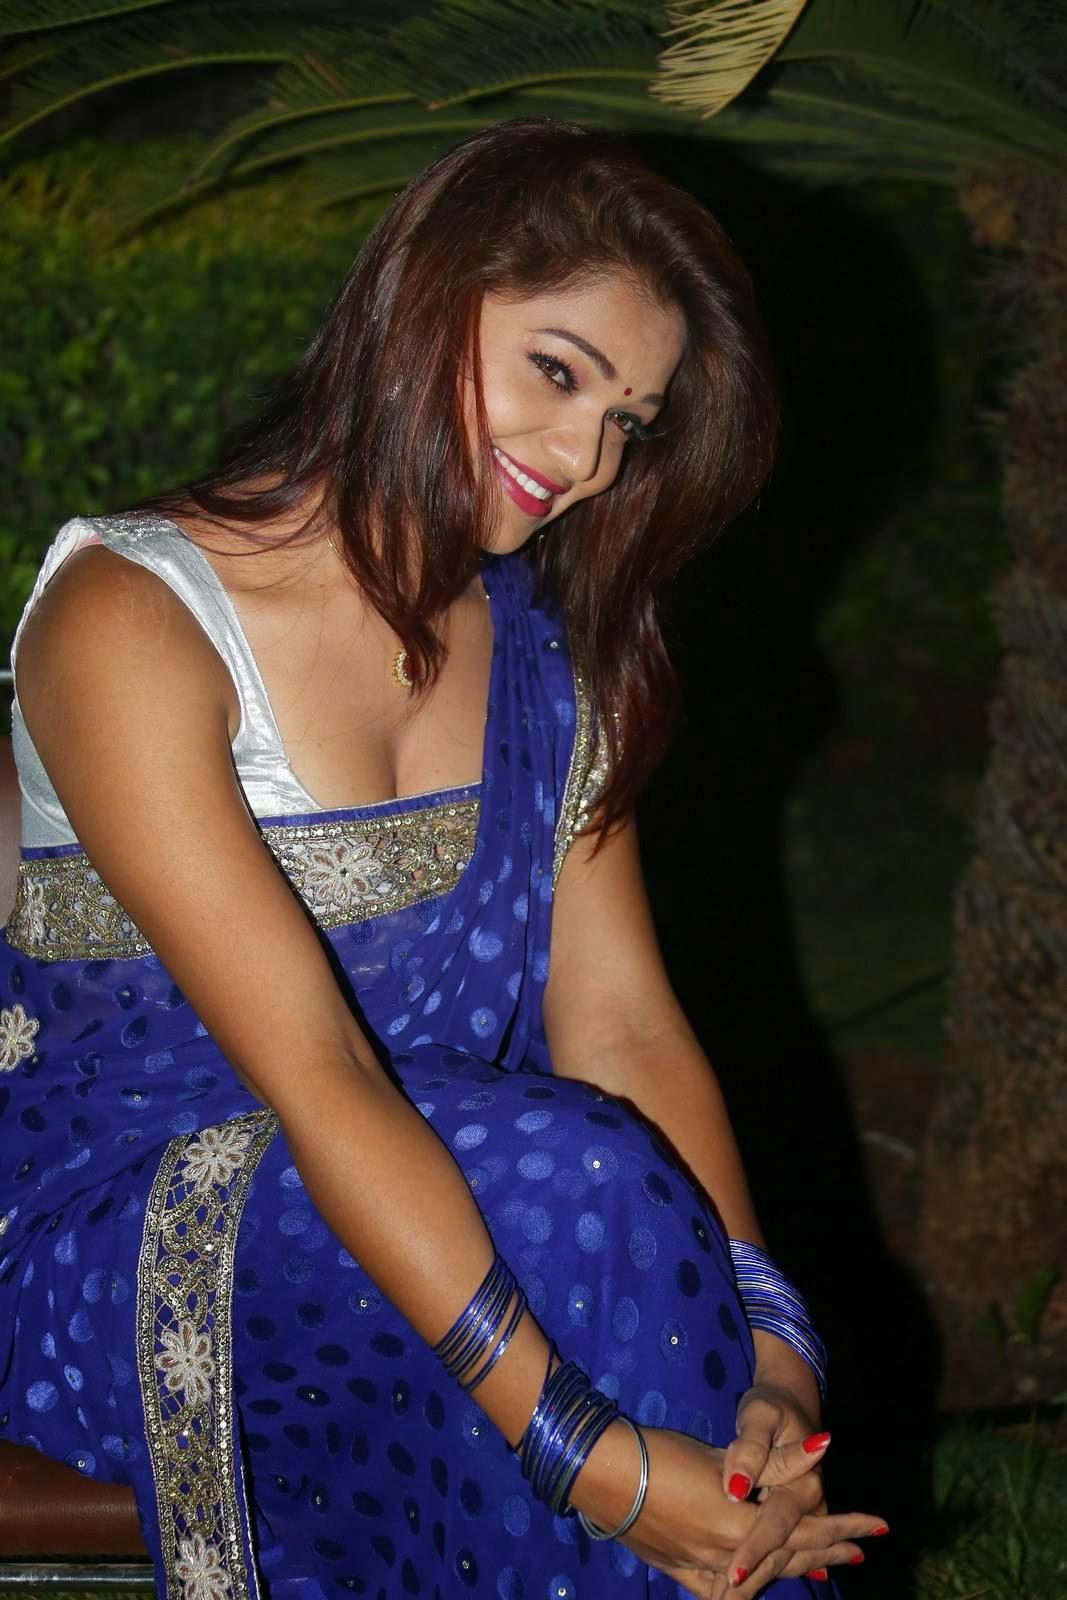 Sexy hot telugu bhabhi enjoying honeymoon with moans - 3 1